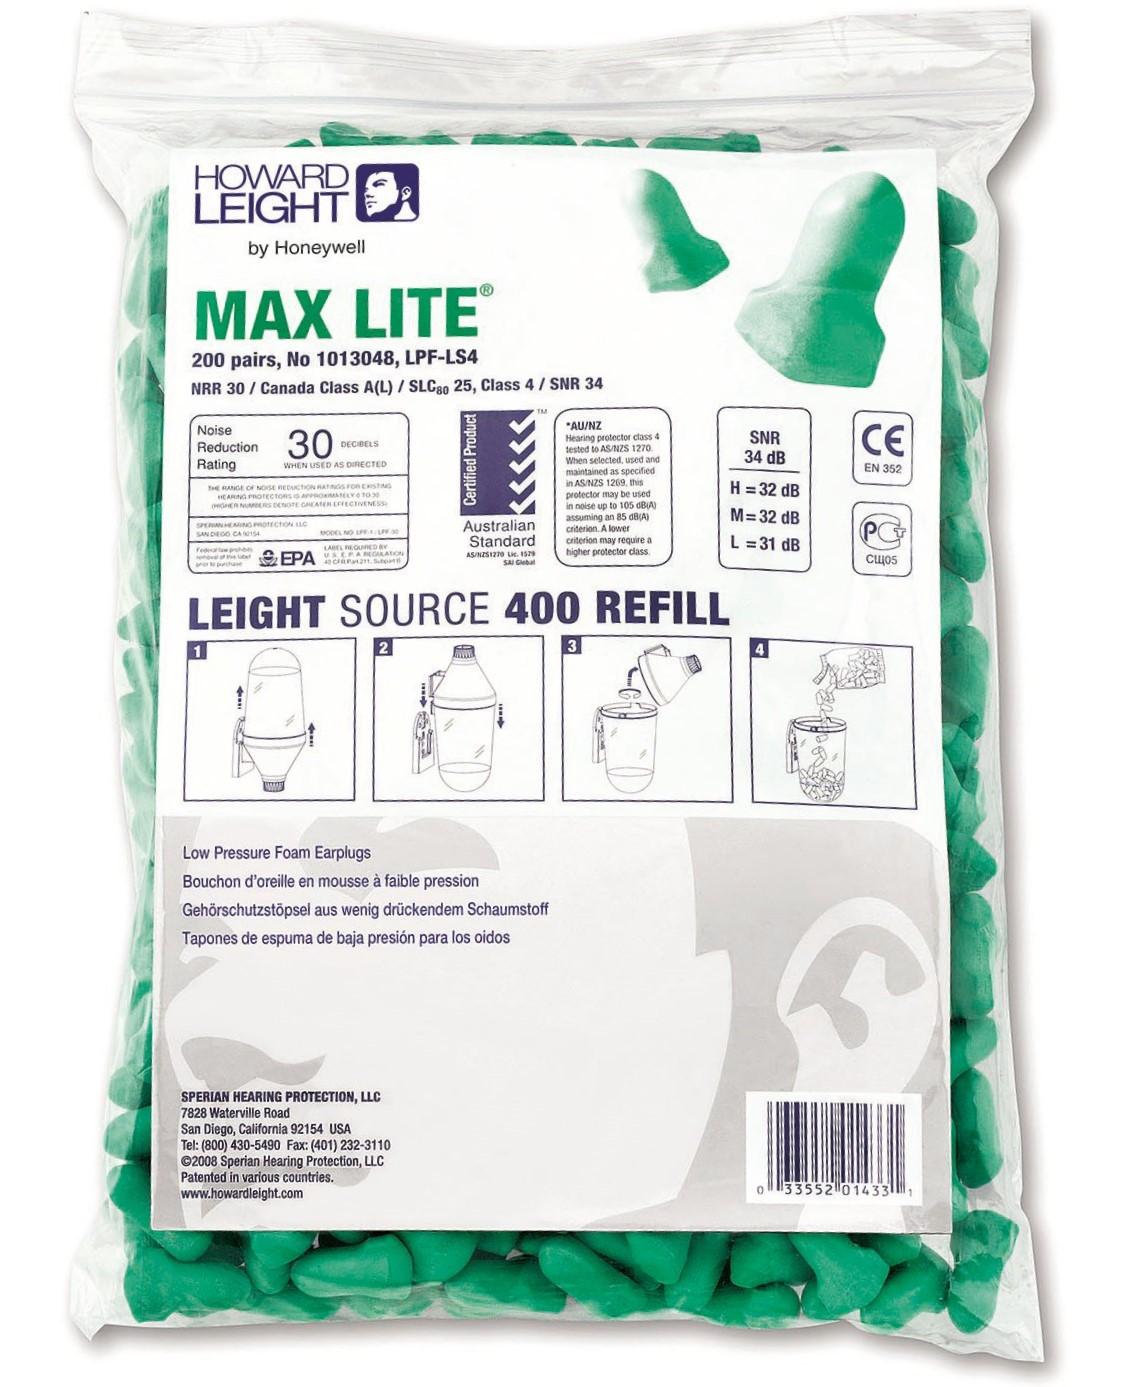 Max Lite LPF-1